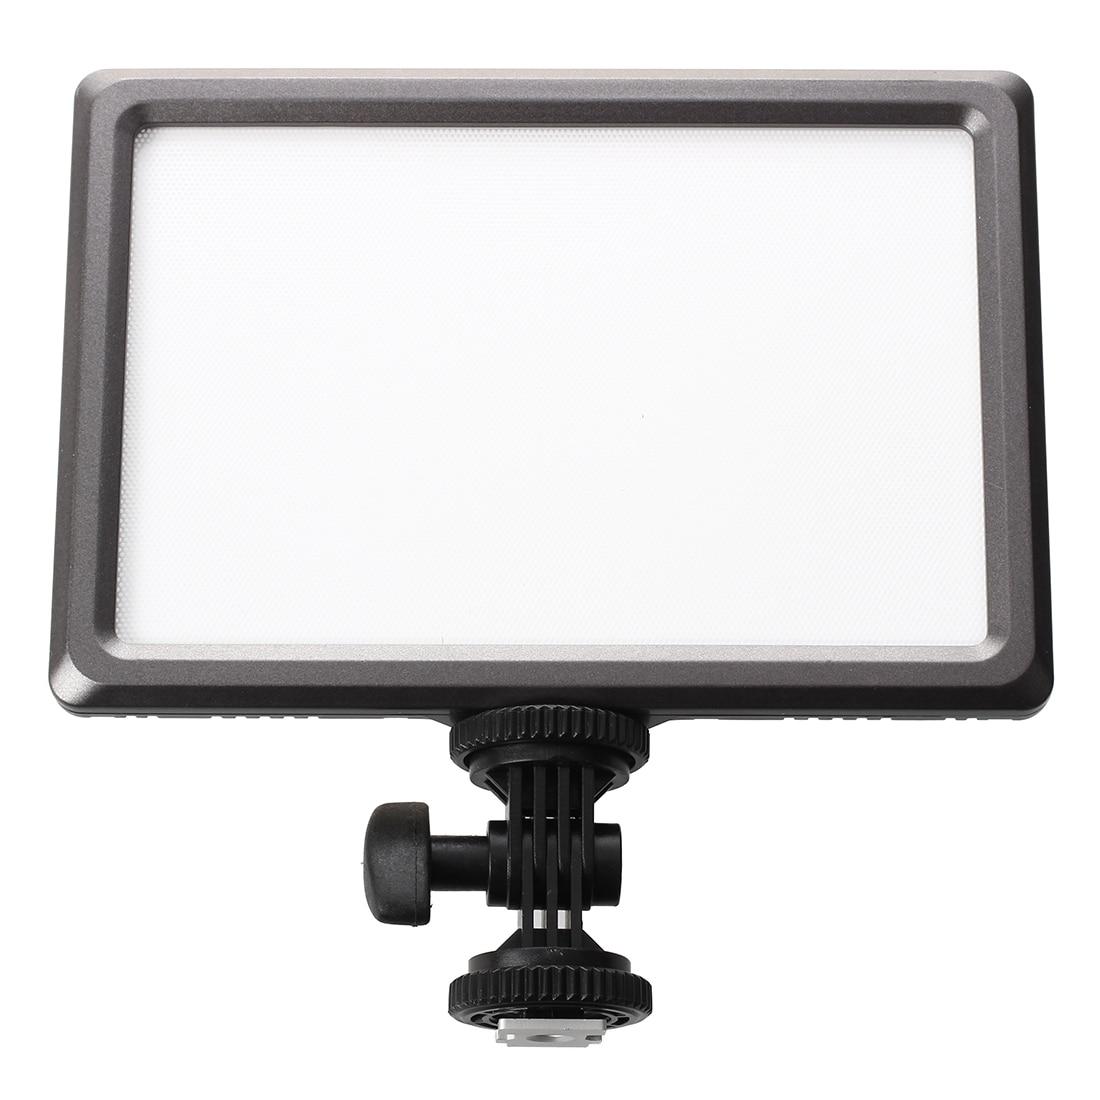 HFES New Nanguang Luxpad22 Pro Ultra Thin 112 LED 11W Video Light Pad for Canon Nikon DSLR Camera DV Camcorder